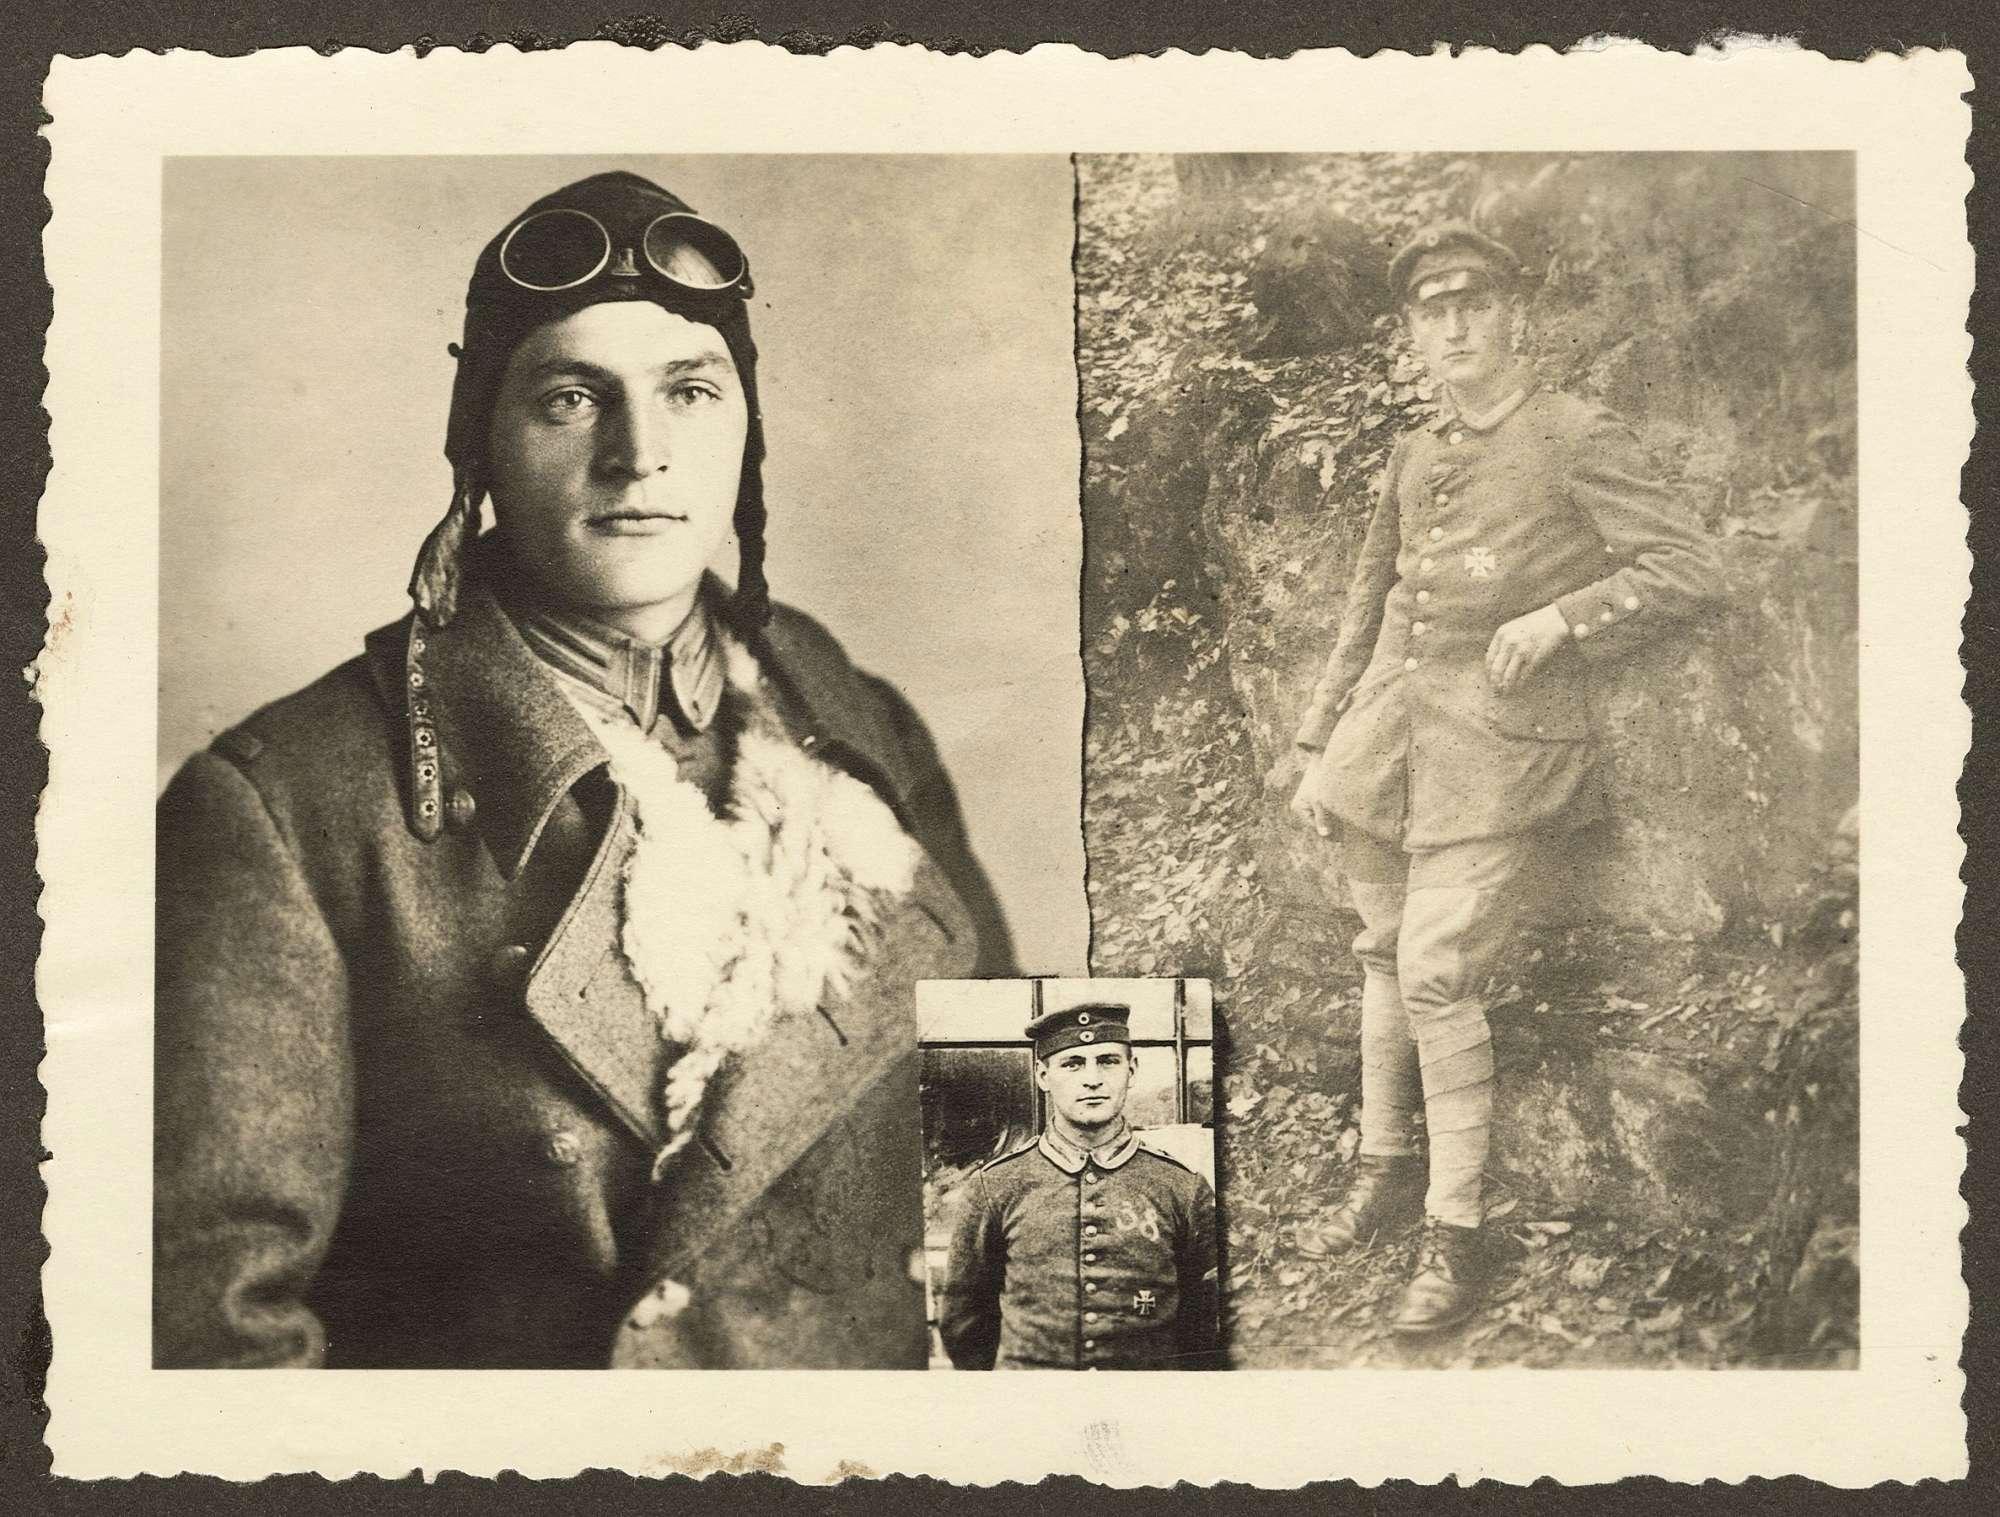 Mezger, Robert, Bild 1